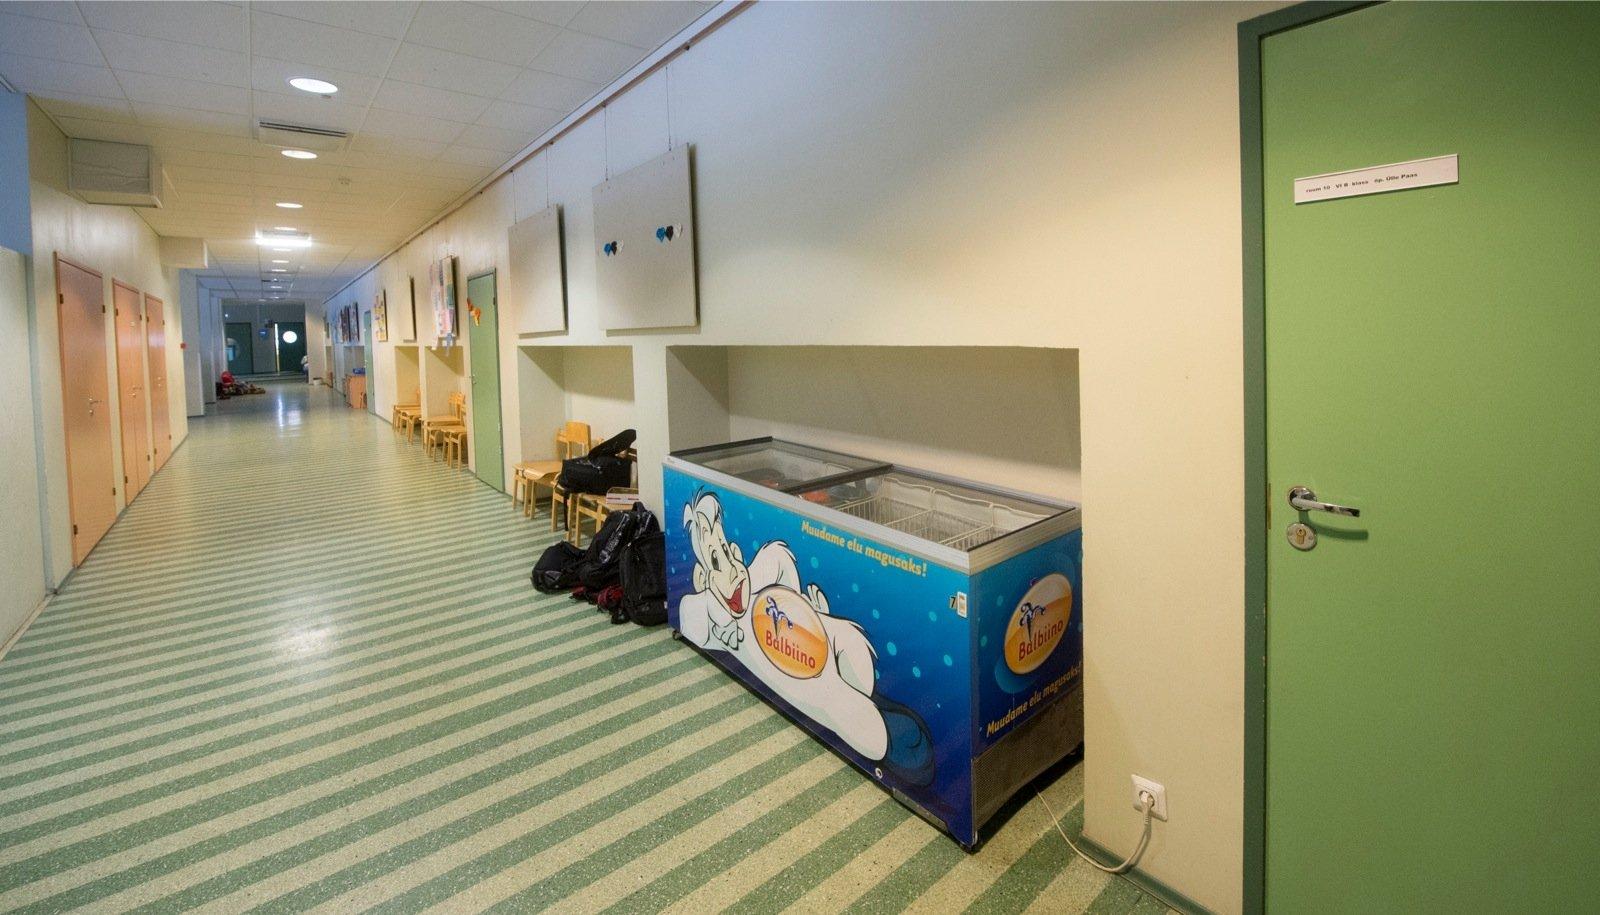 Äri Merivälja koolis:  direktor müüb õpilastele oma poja firma kaudu jäätist